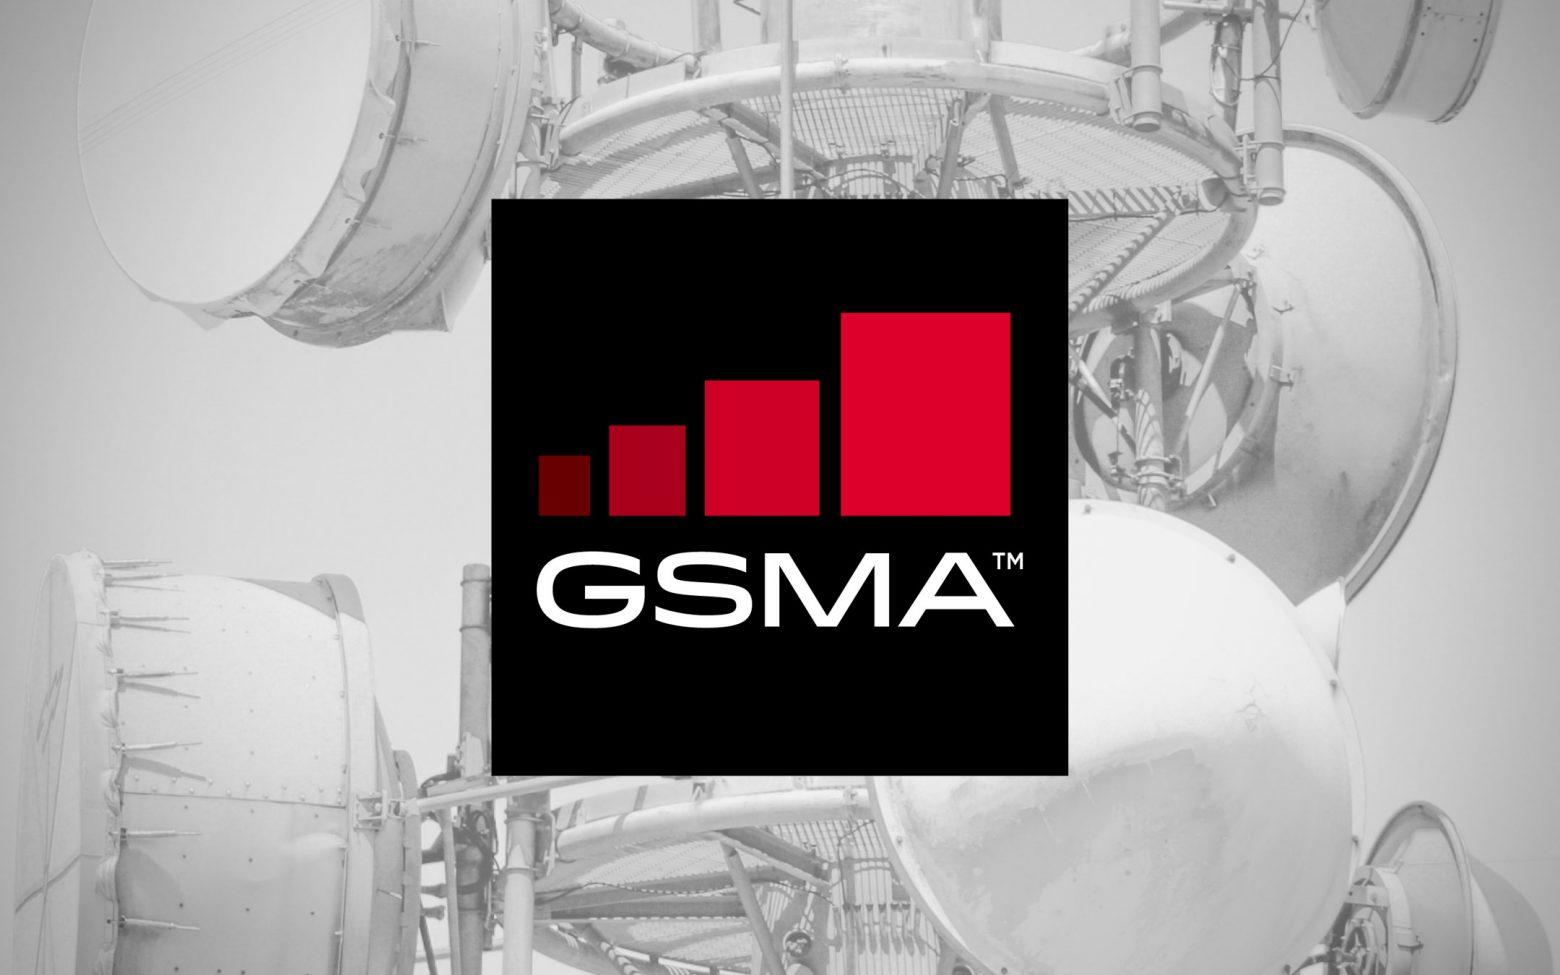 Attacchi alle antenne 5G: la condanna di GSMA